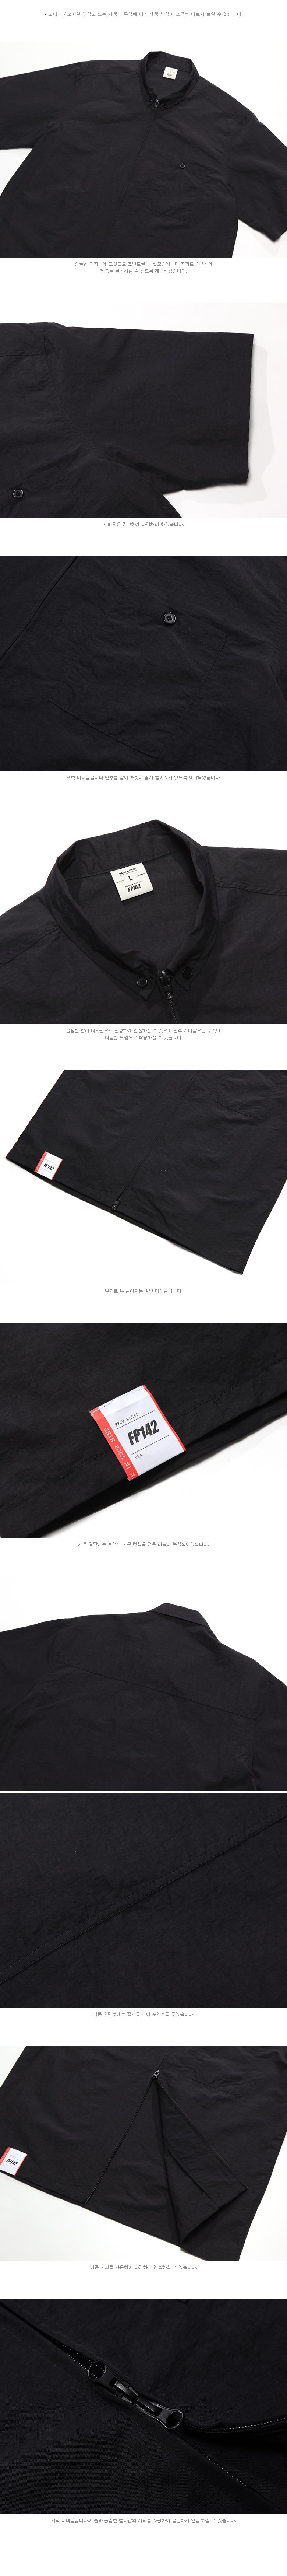 JHSS1175_detail_black_02.jpg